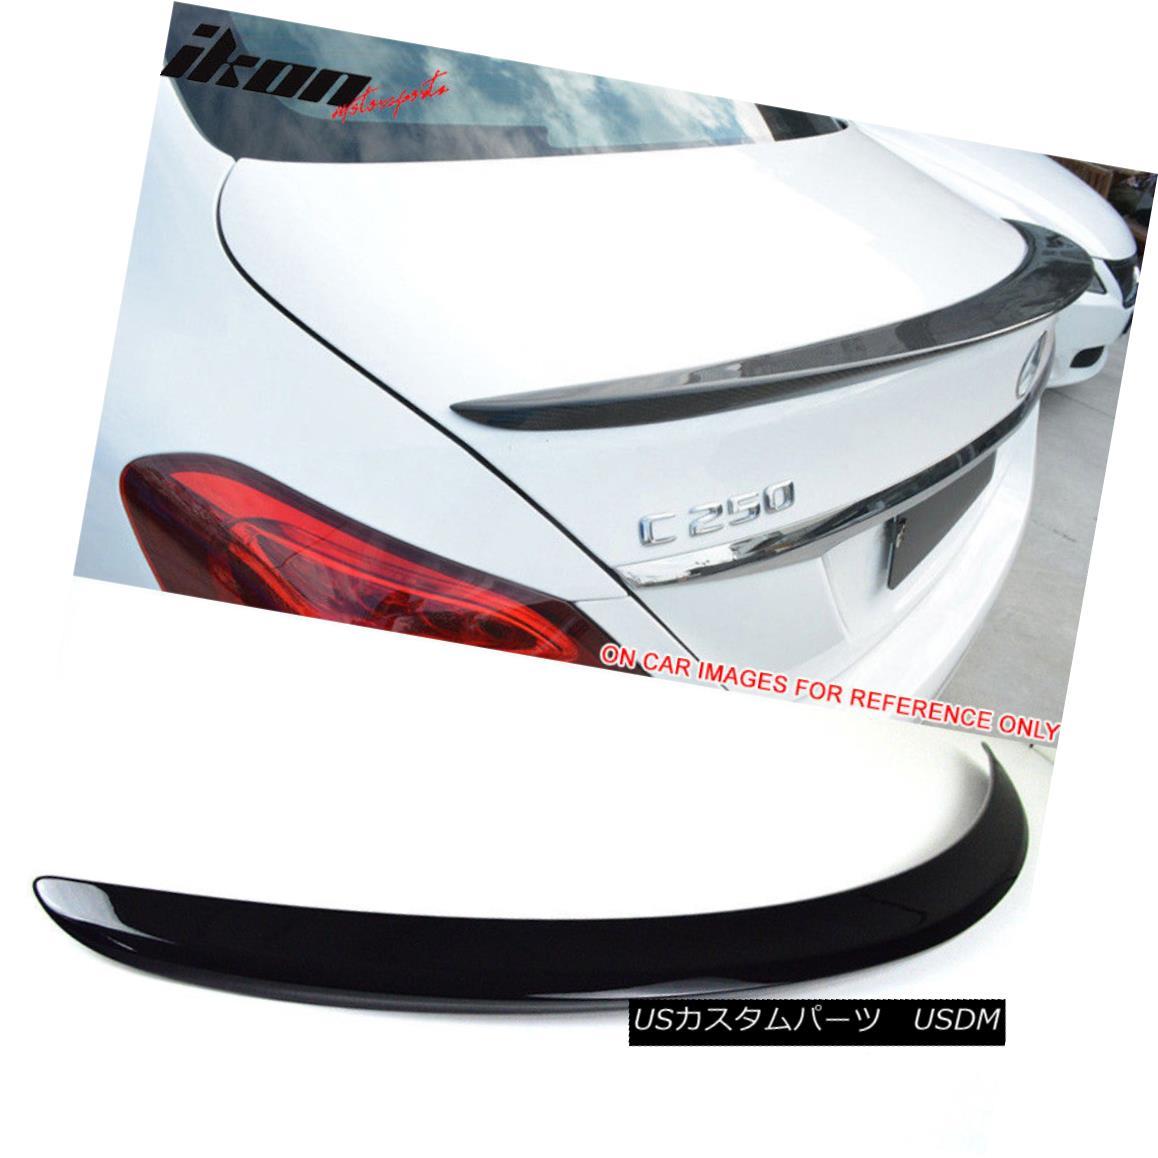 エアロパーツ Fits 15-18 Benz W205 C Class Sedan AMG Trunk Spoiler Painted #197 Obsidian Black フィット15-18 Benz W205 CクラスセダンAMGトランク・スポイラー・ペイント#197 Obsidian Black